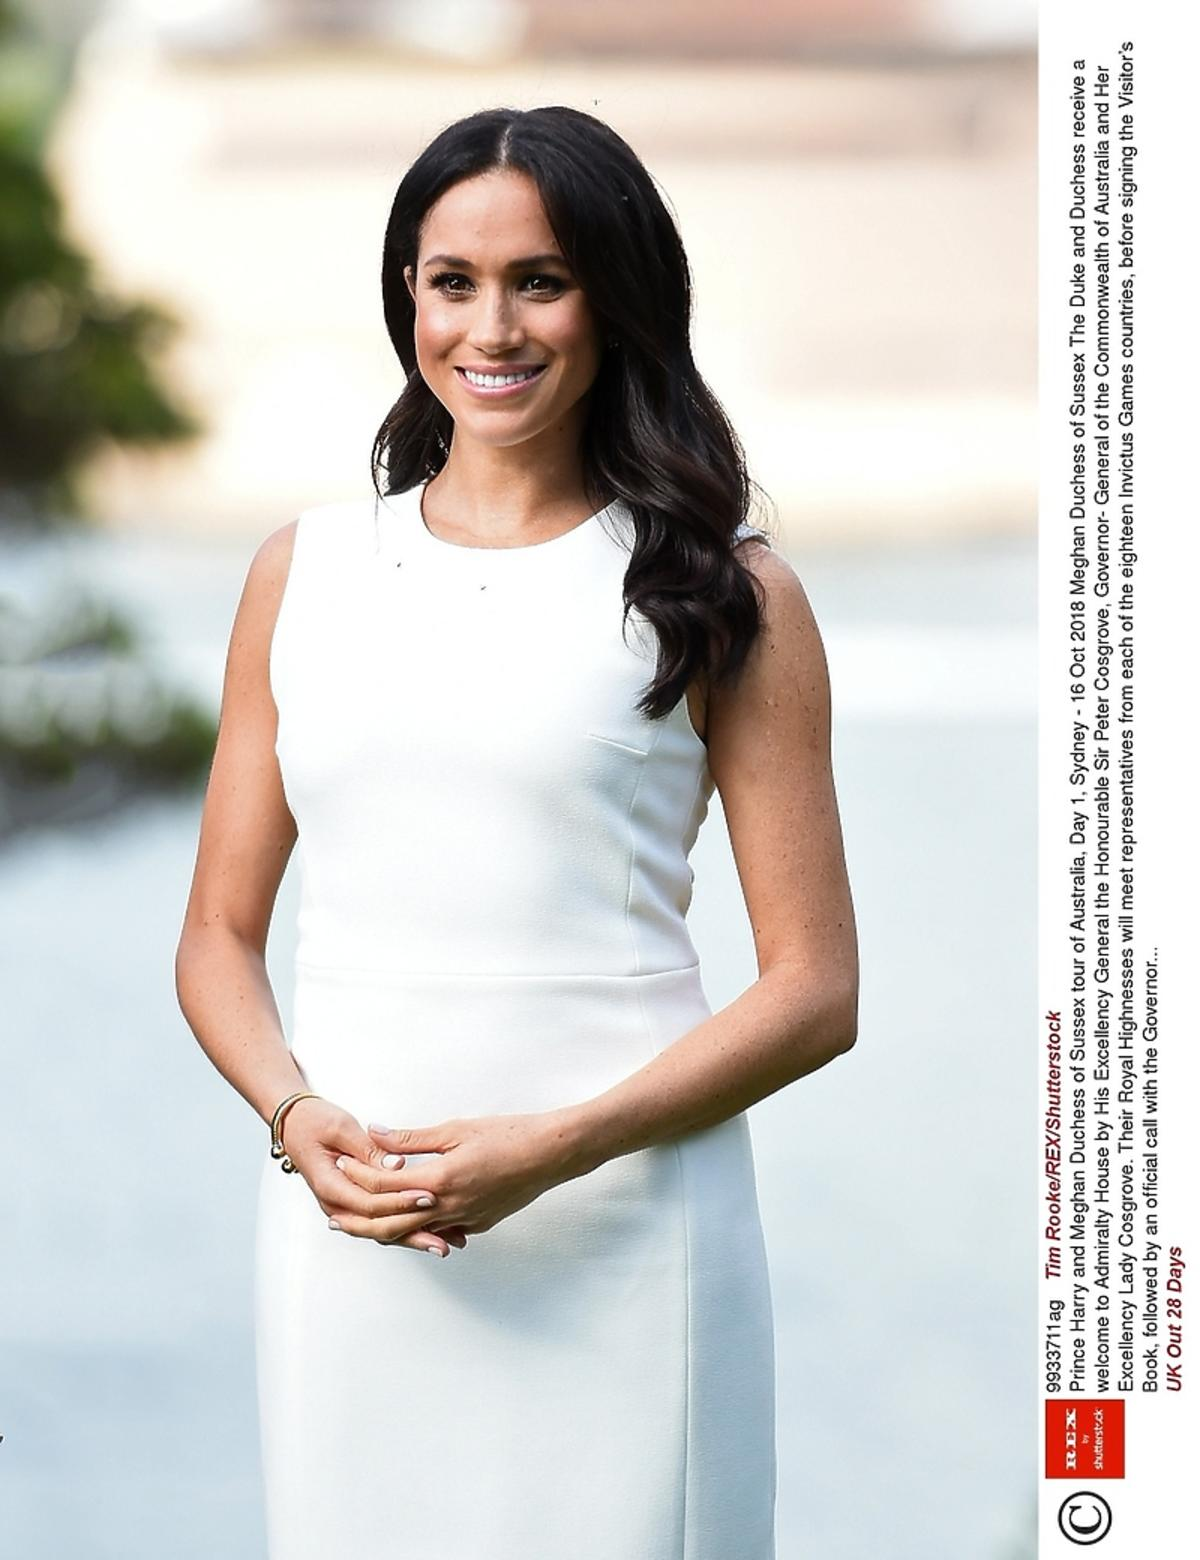 Meghan Markle biała sukienka w Sydney